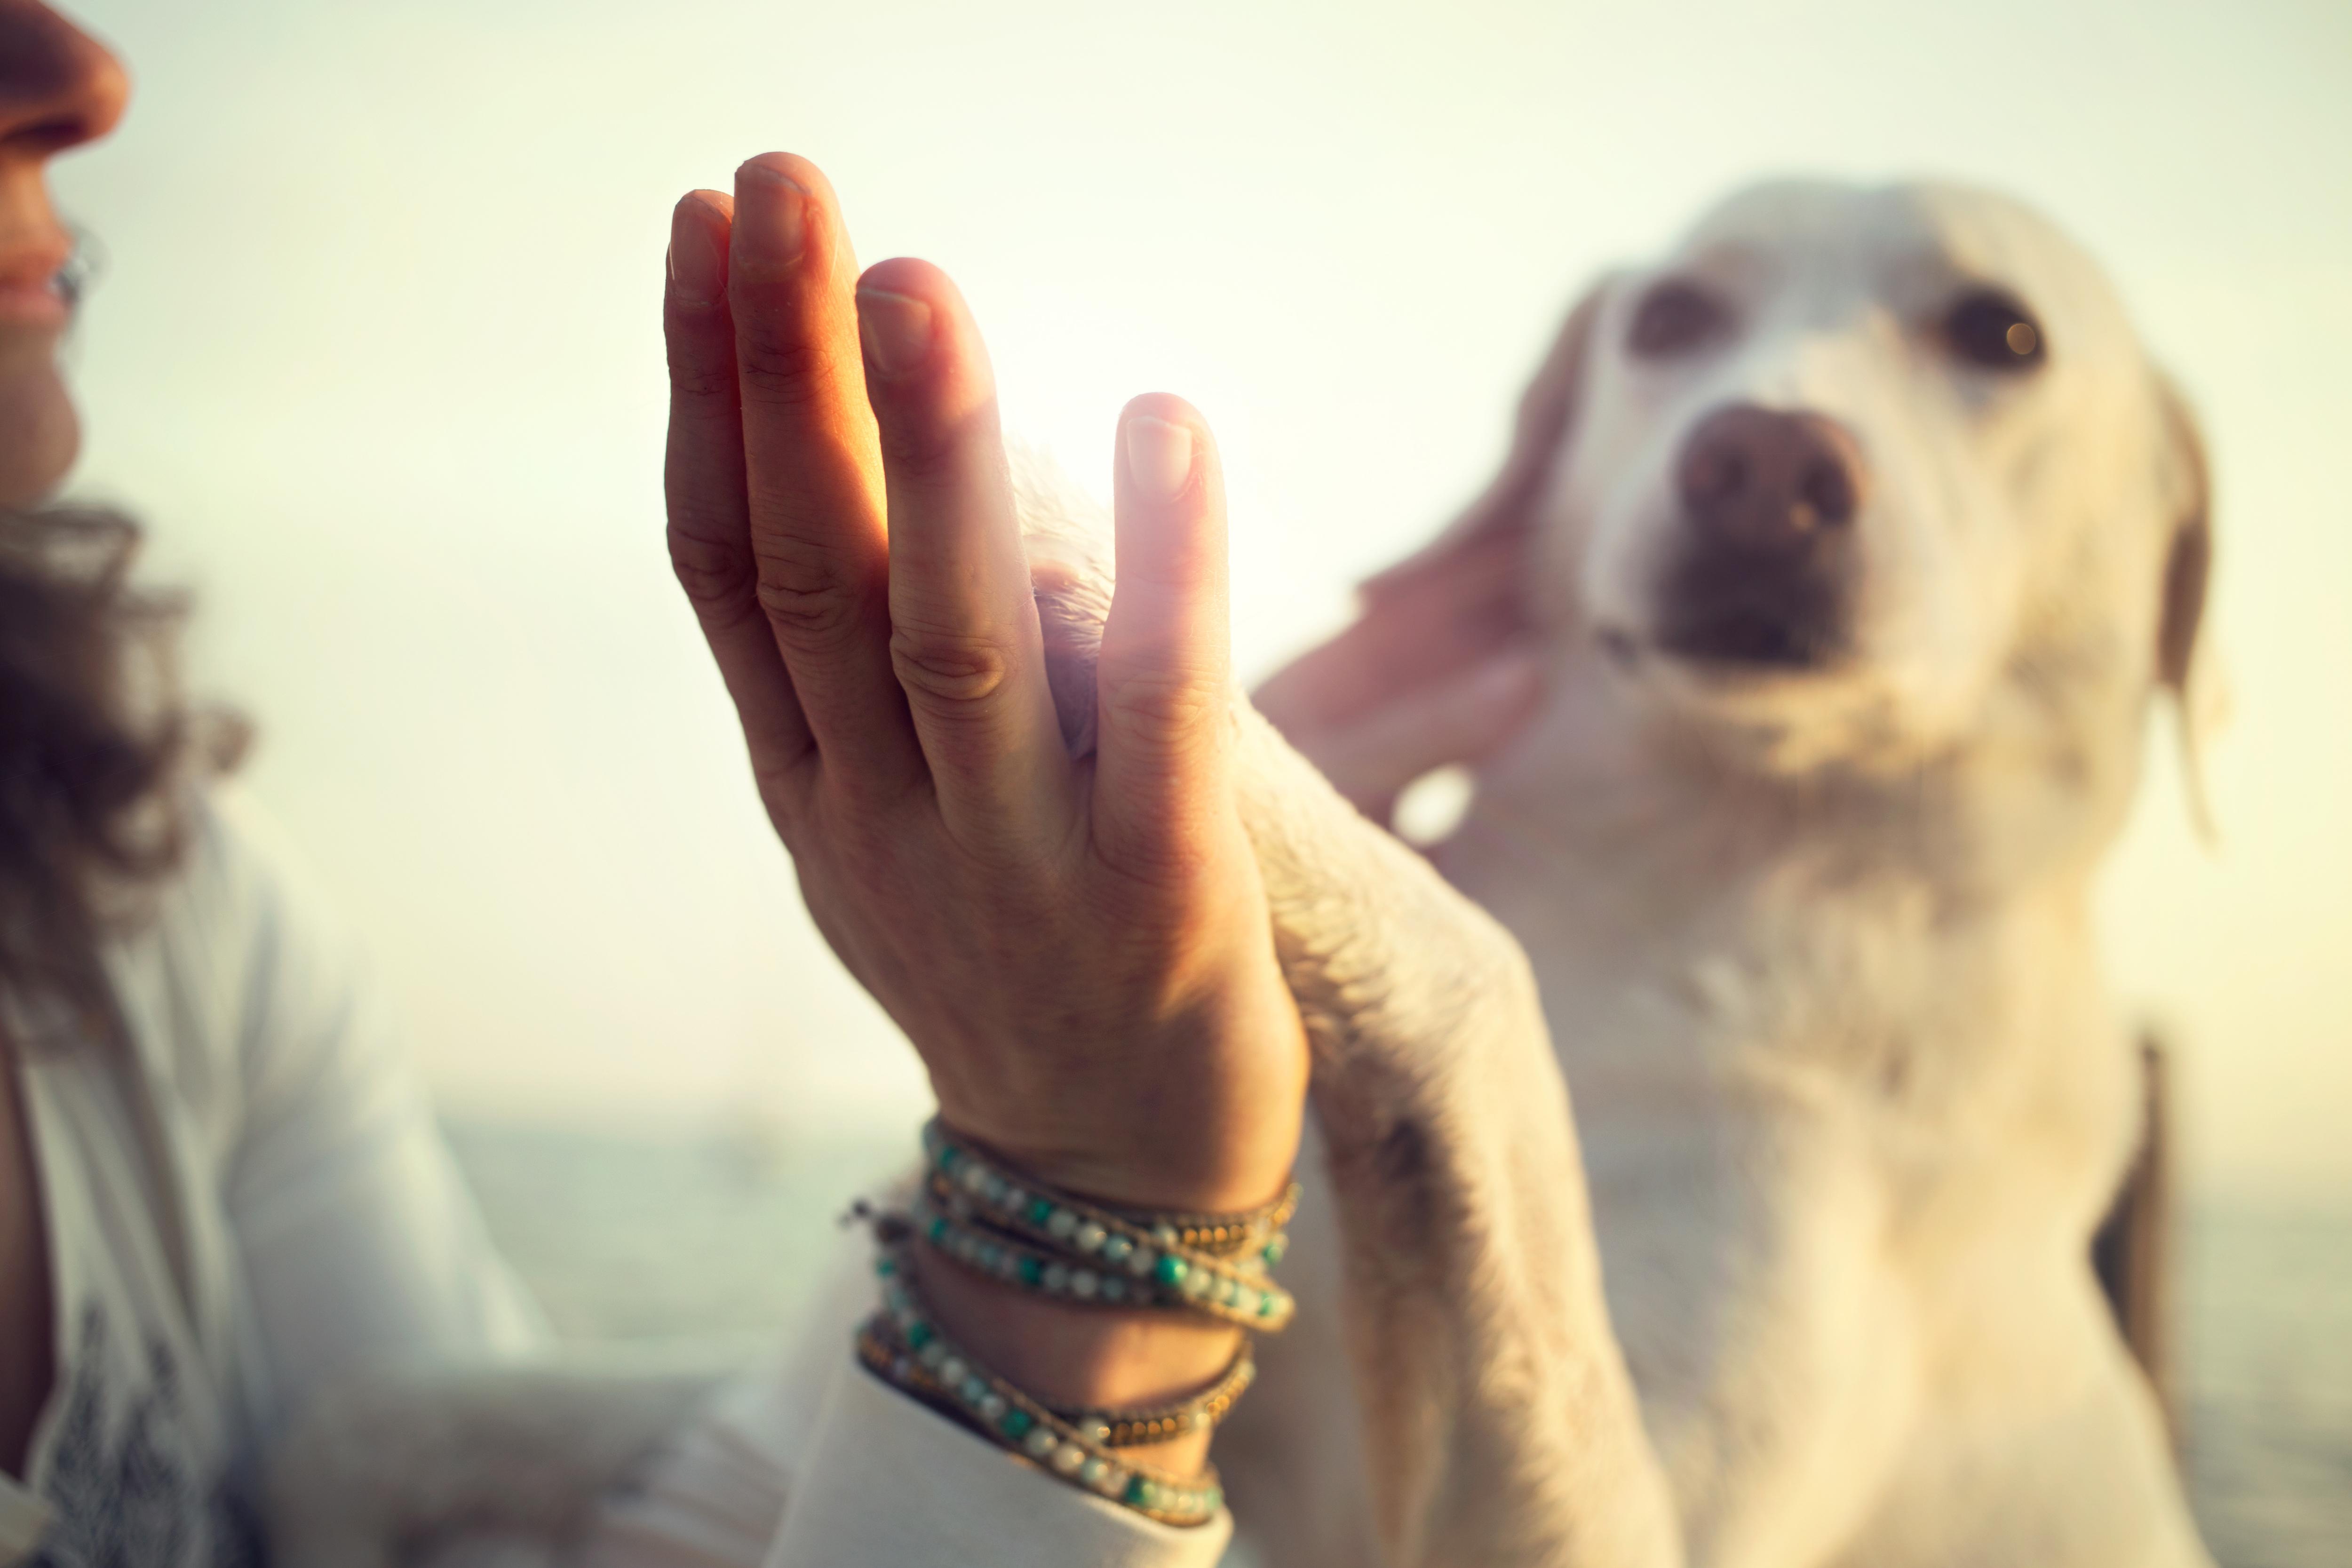 Hundebetreueung